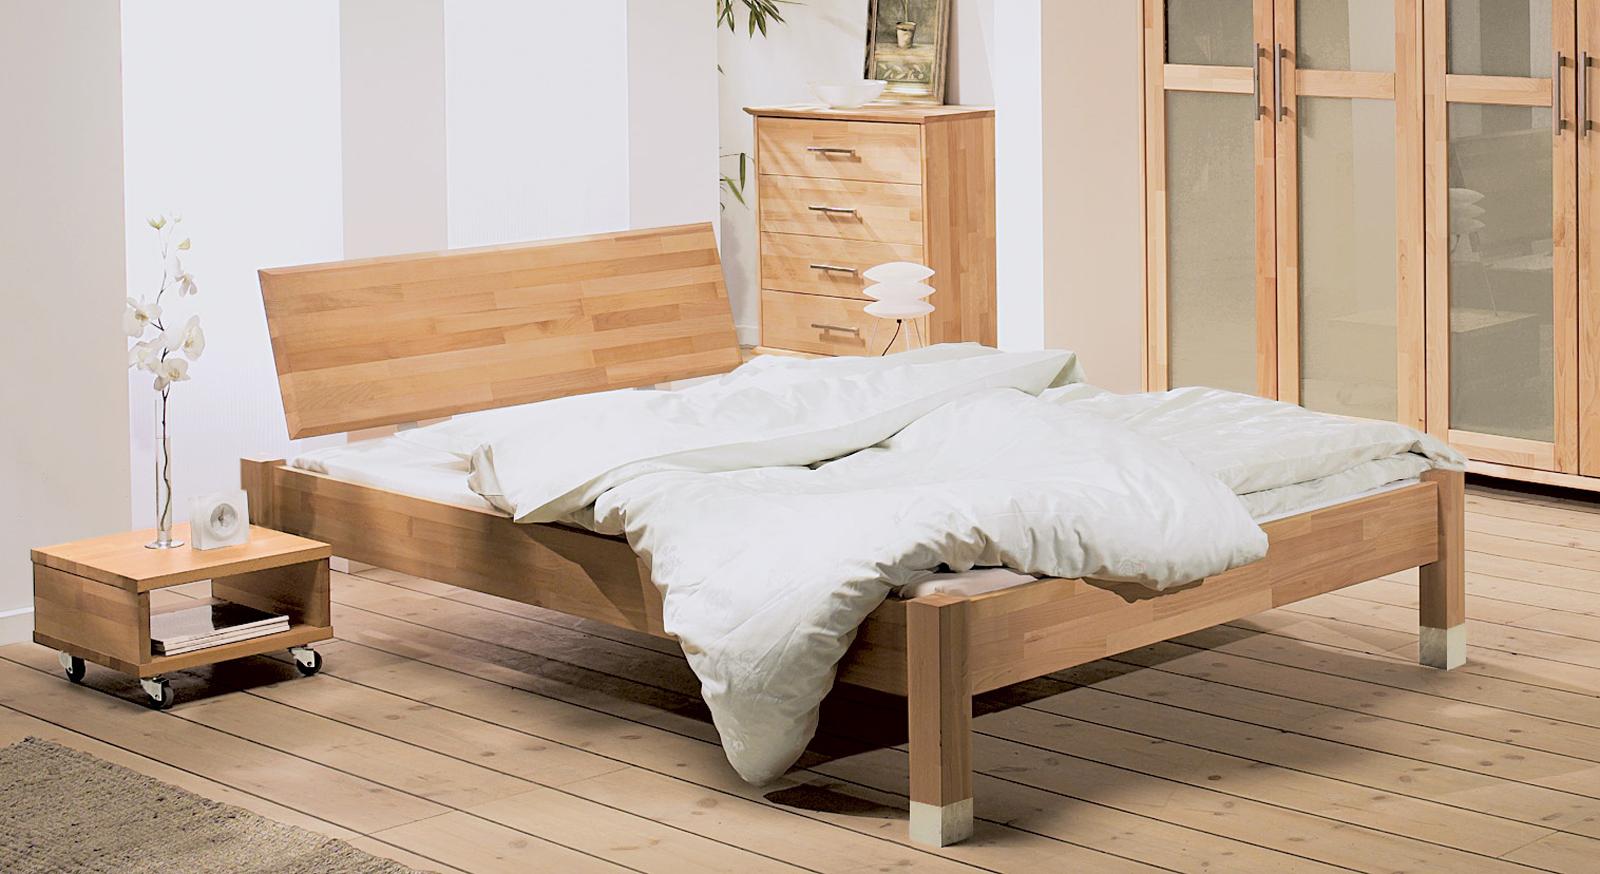 eichenbett bzw buchenbett g nstig online kaufen bergamo. Black Bedroom Furniture Sets. Home Design Ideas